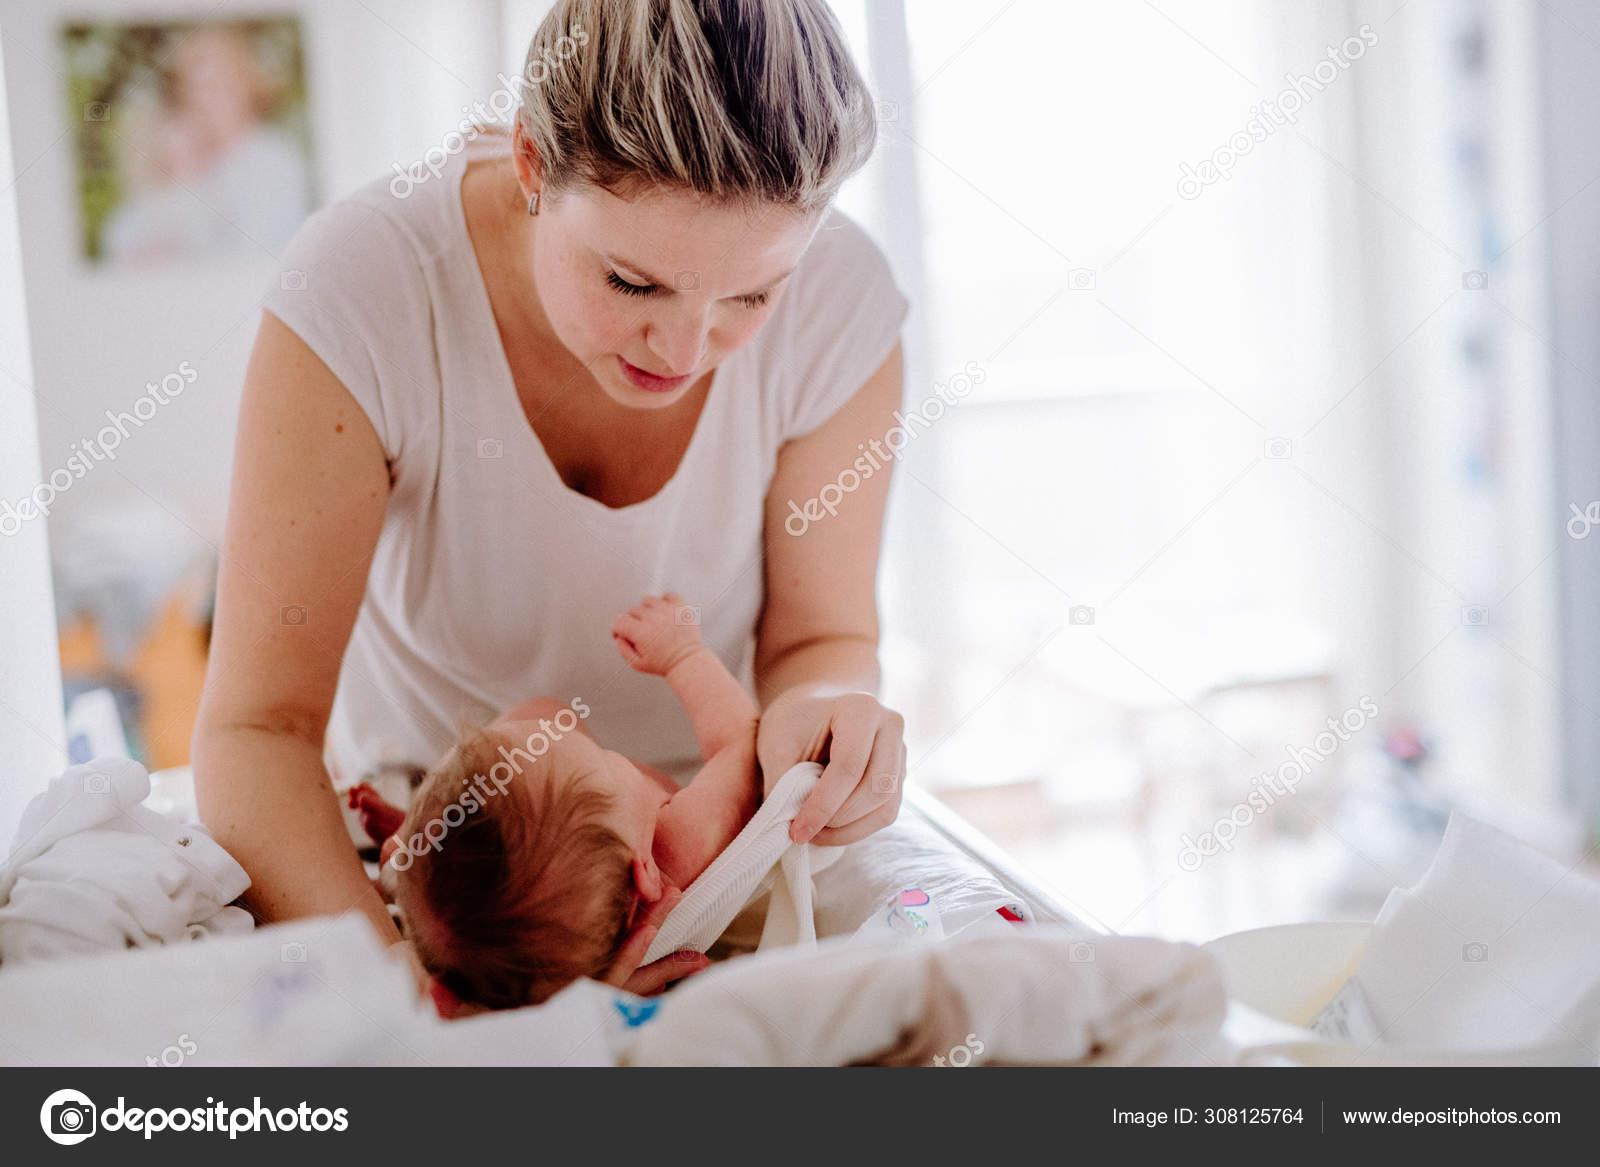 А вы так делаете? самые распространенные ошибки в уходе за новорожденным